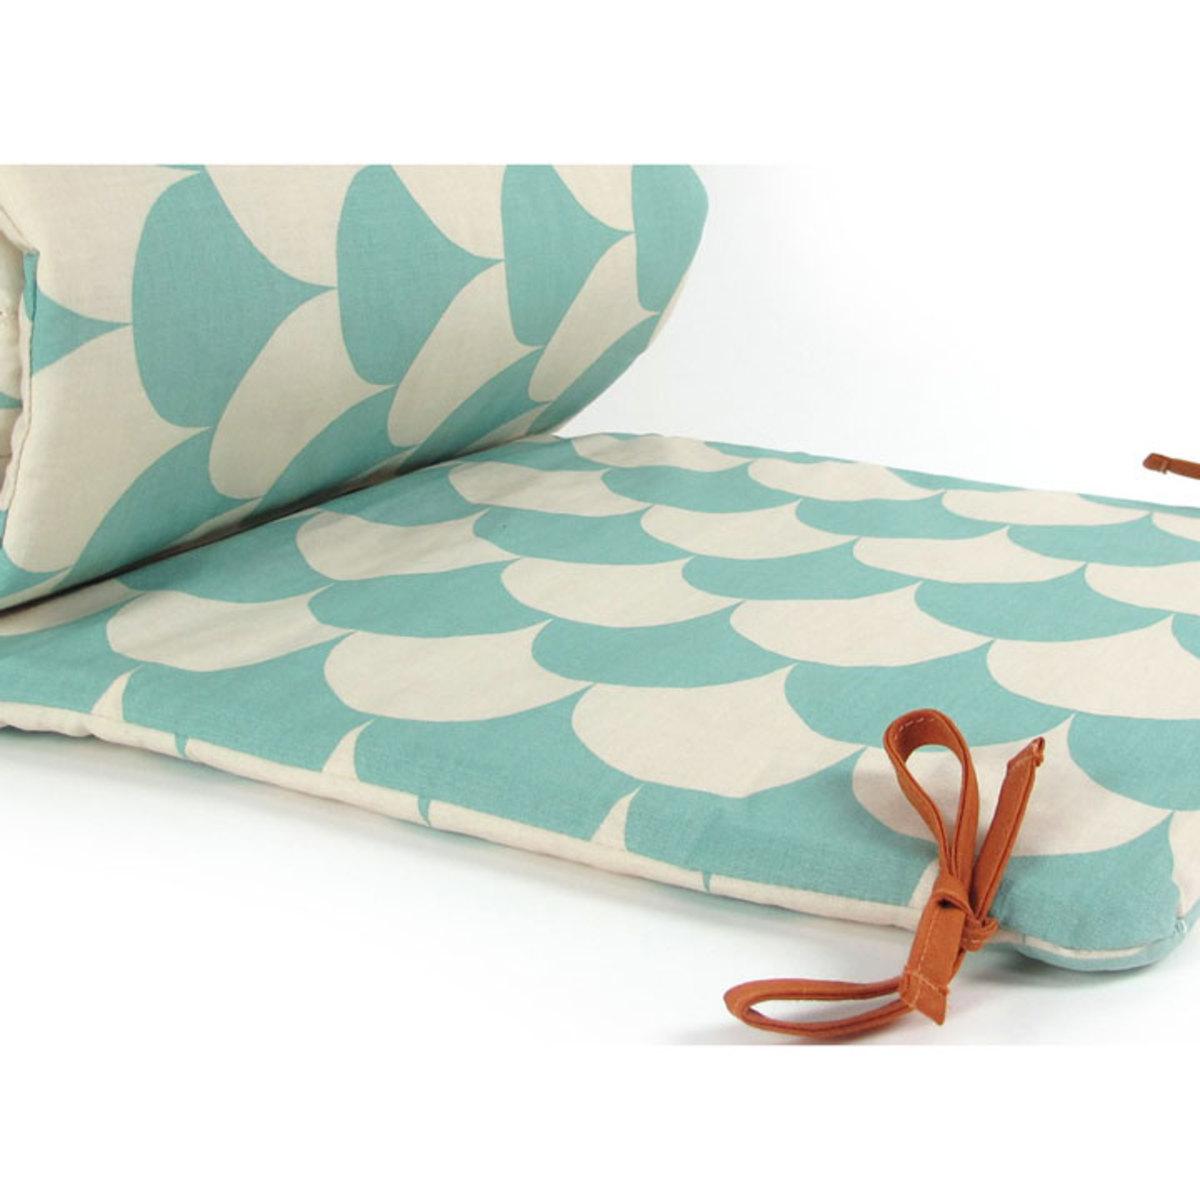 nobodinoz tour de lit constantinopla ecailles vertes linge de lit nobodinoz sur l 39 armoire de. Black Bedroom Furniture Sets. Home Design Ideas